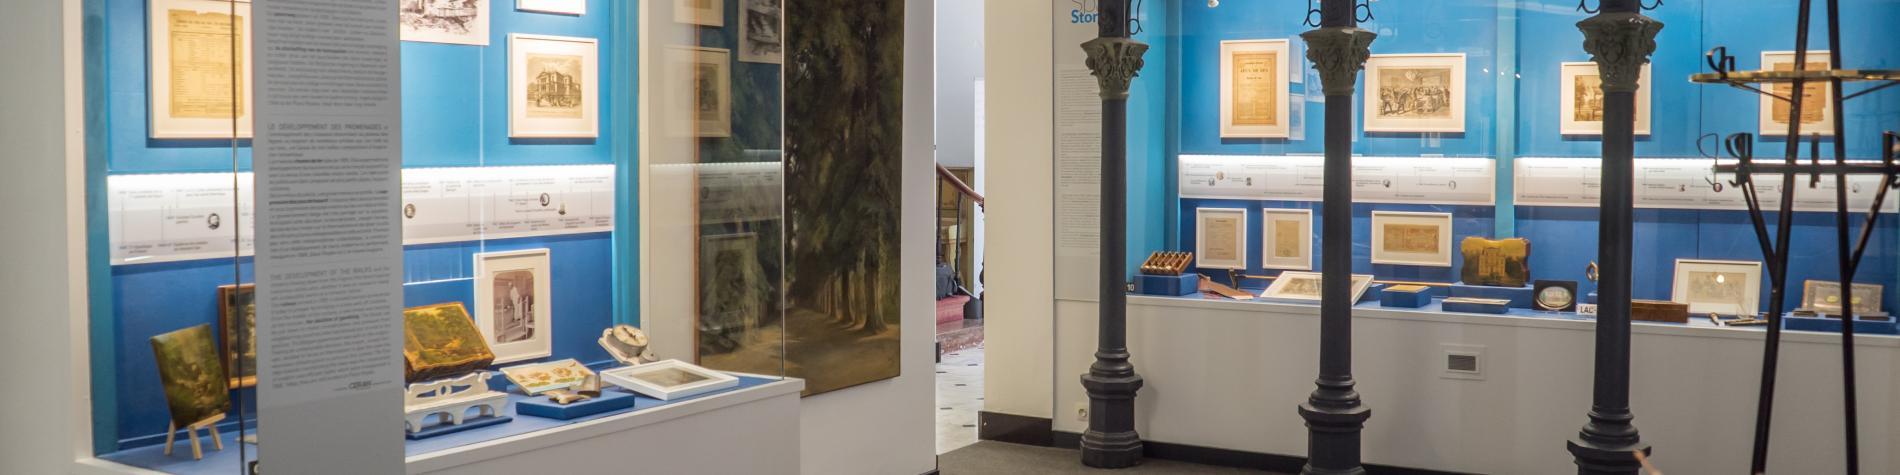 Besichtigen Sie das Museum der Stadt des Wassers in Spa